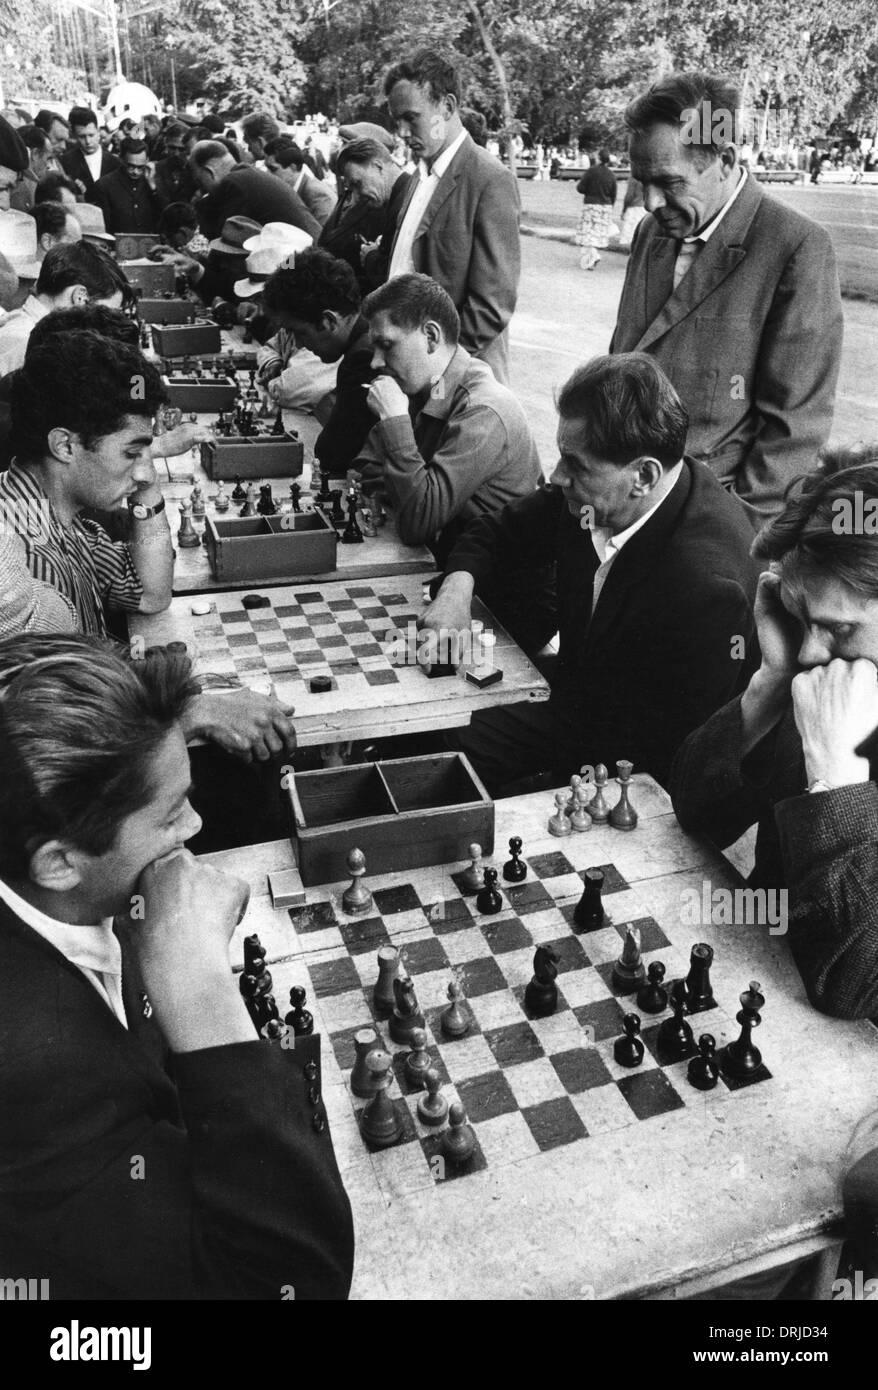 La gente jugando al ajedrez, el Parque Gorki, Moscú, Rusia Foto de stock